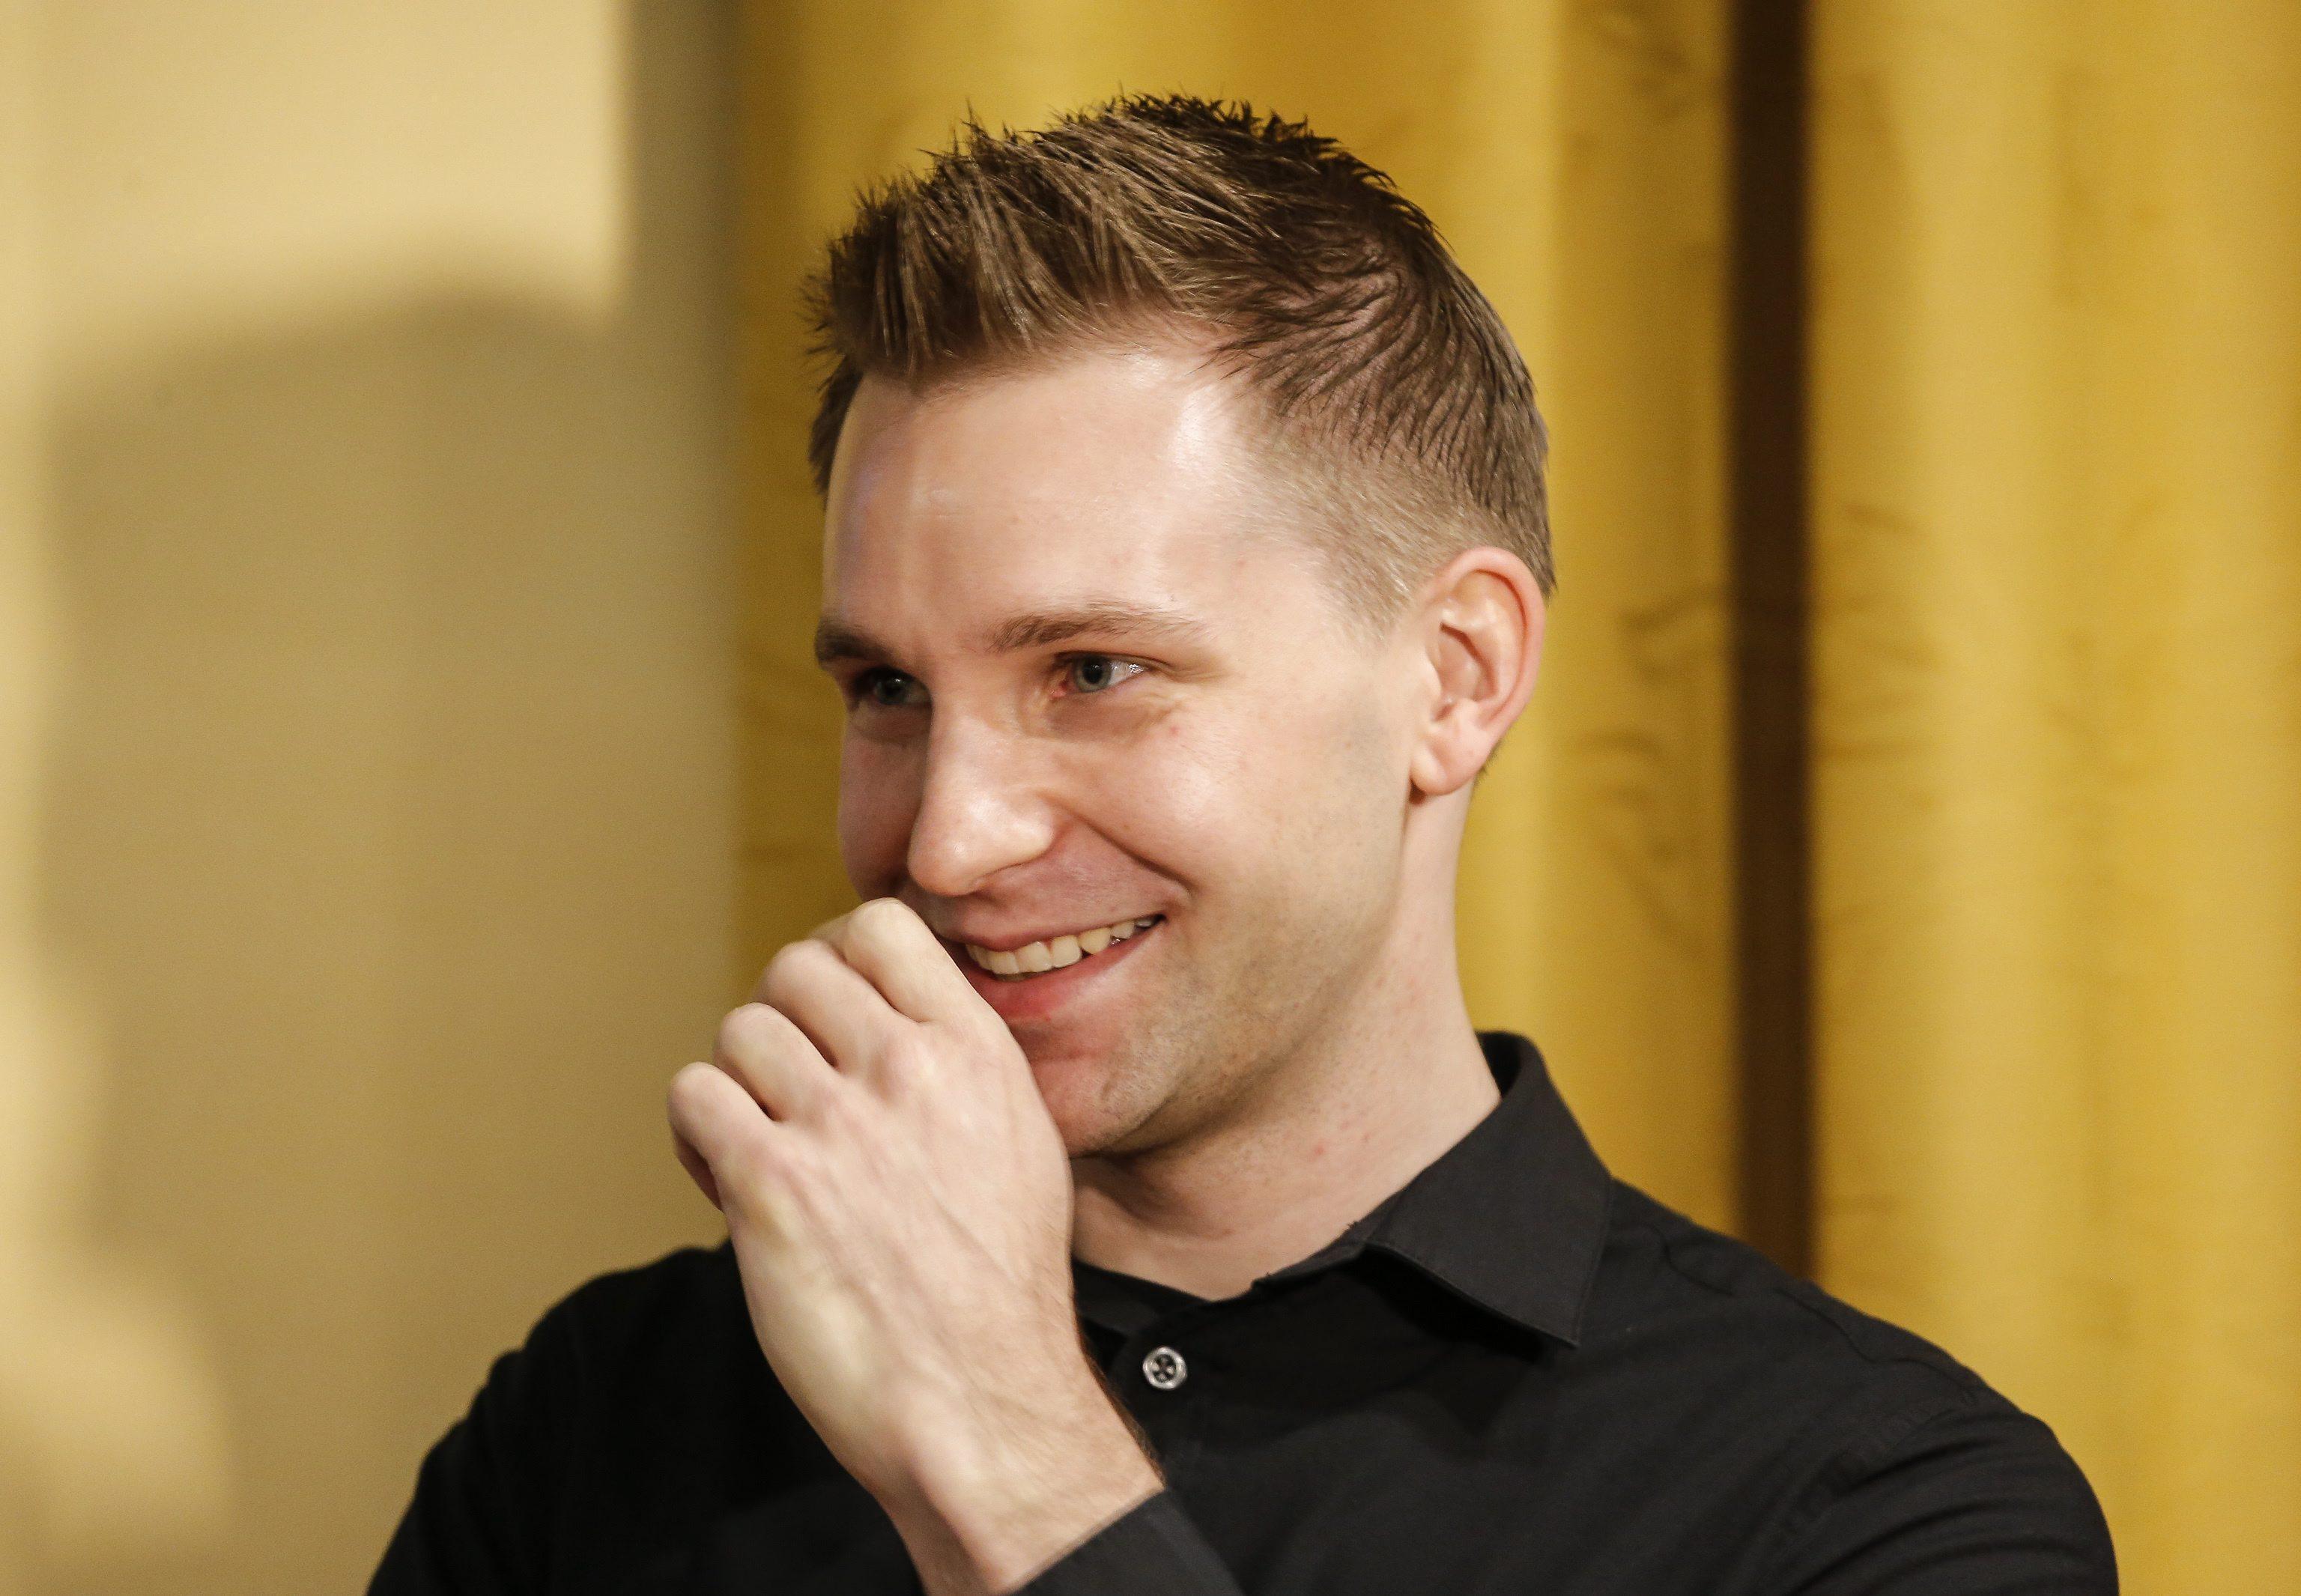 L'uomo che ha vinto contro Facebook: Max Schrems, l'attivista che combatte per diritti e privacy